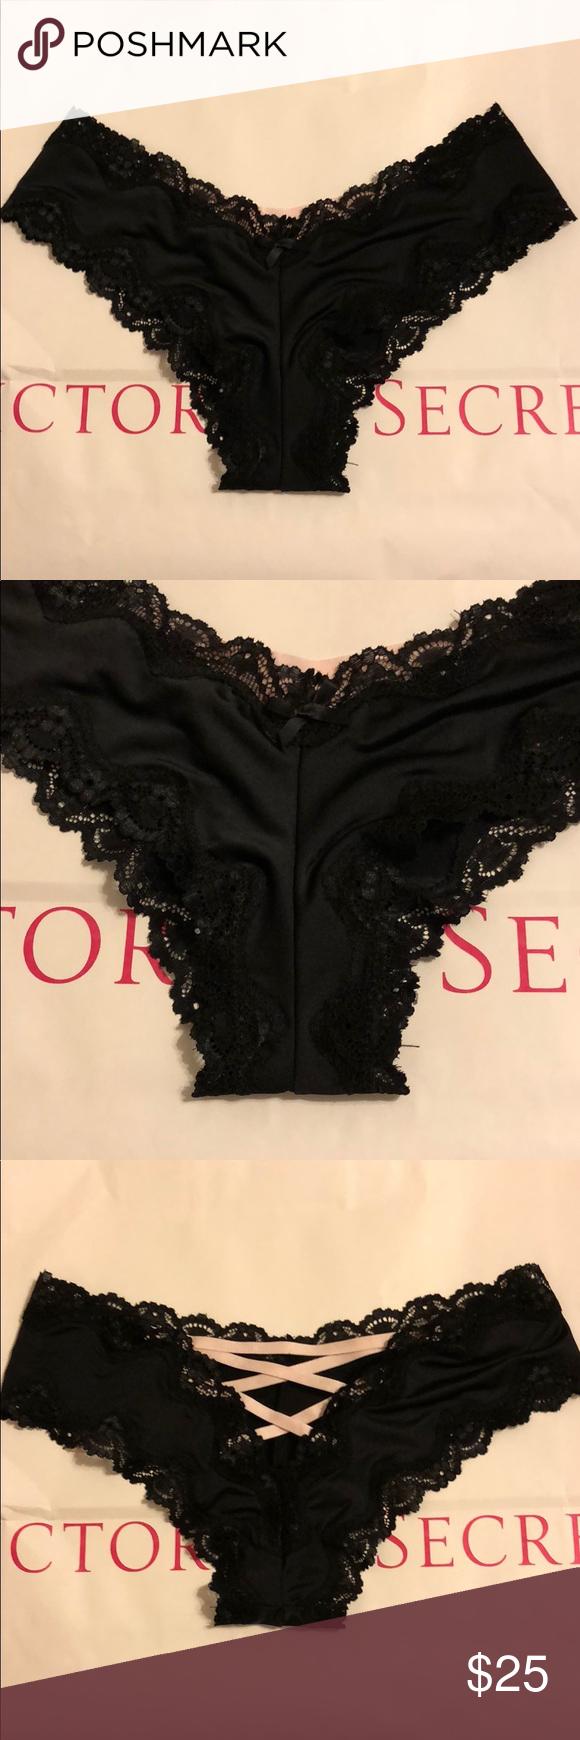 29c2e691540 Victoria s Secret Lace Open Back Panties Size S NWT Victoria s Secret Lace  Open Back Panties Size